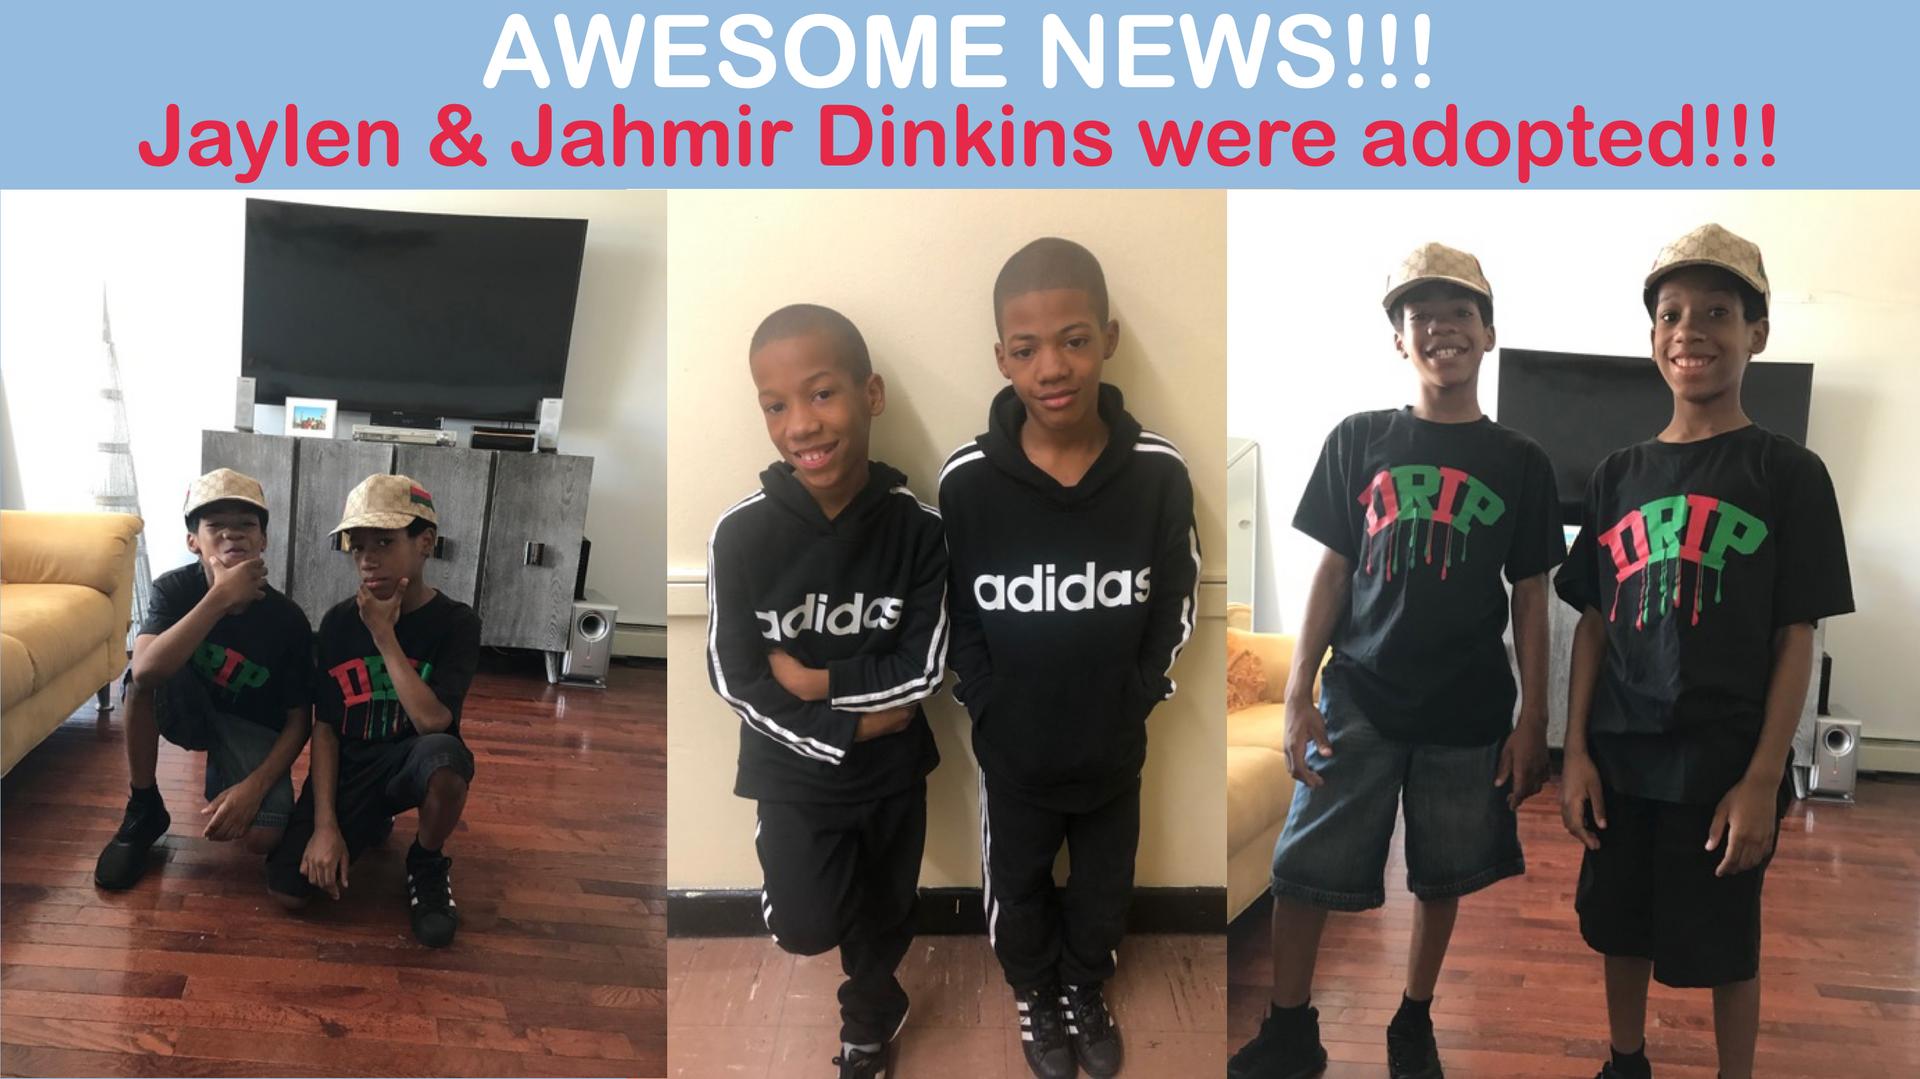 Jaylen and Jahmir were adopted